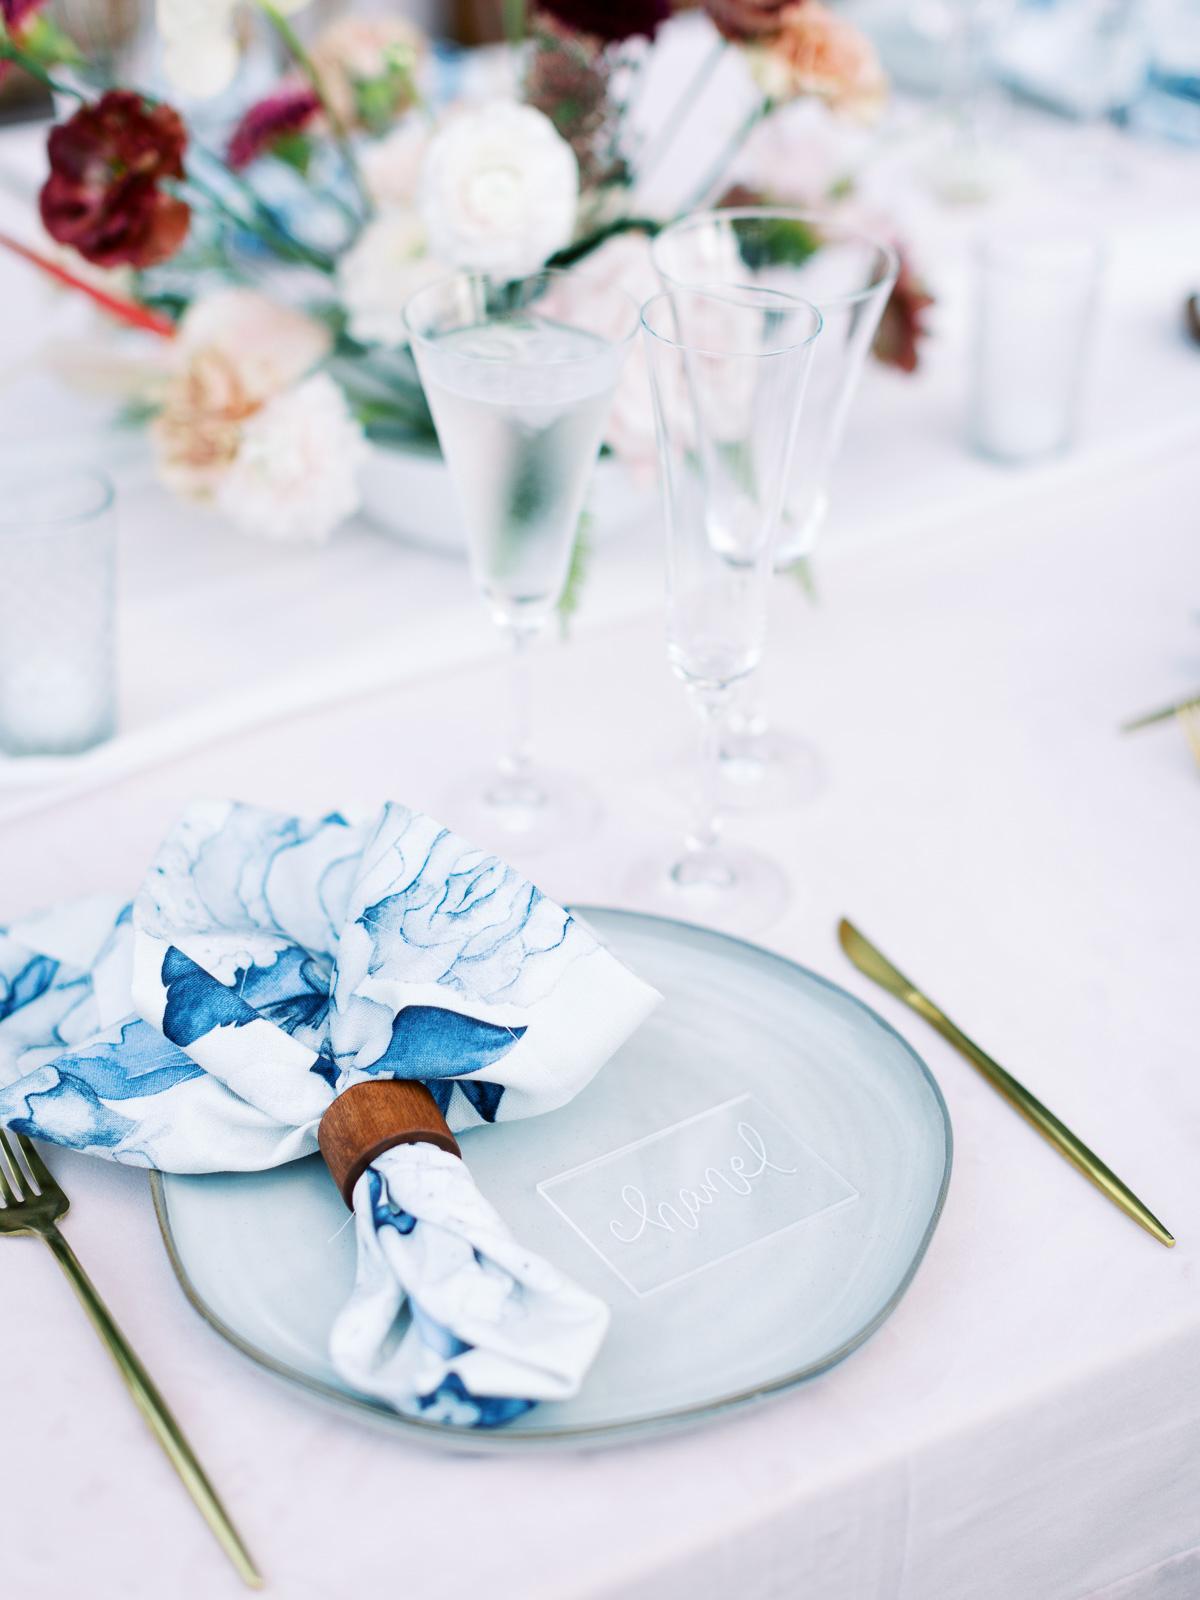 melissa lindsey wedding place setting blue and white napkin